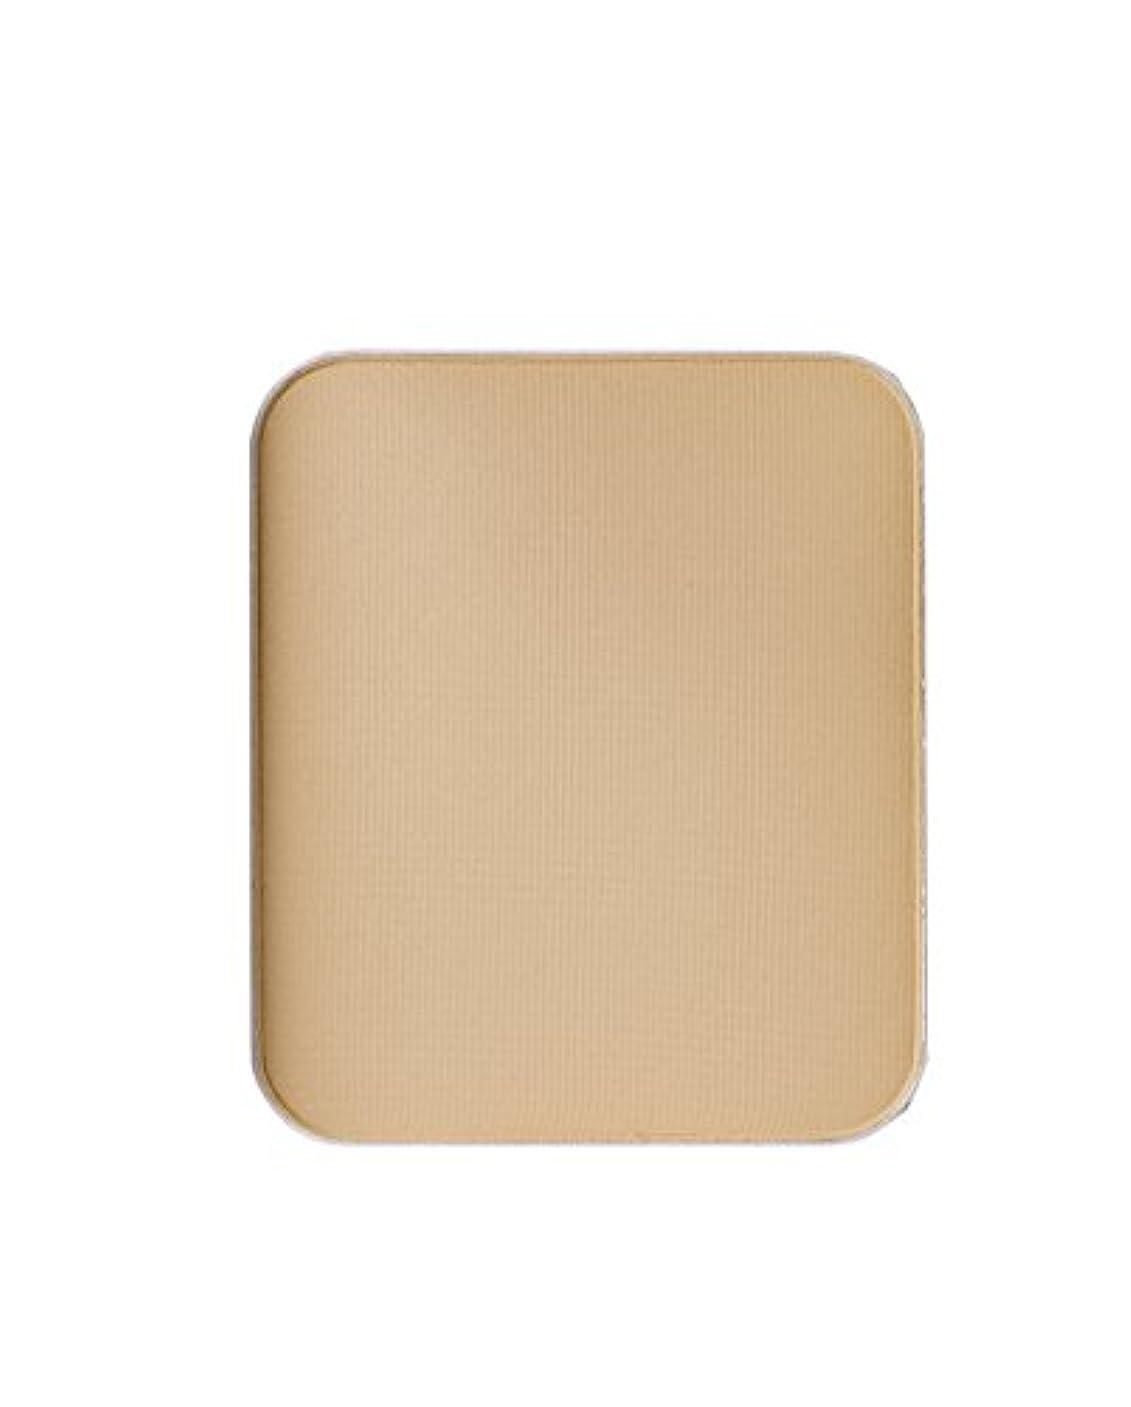 出口麦芽粗いナチュラグラッセ クリアパウダー ファンデーション NO1 (明るめの肌色) レフィル 11g SPF40 PA++++ 詰め替え用